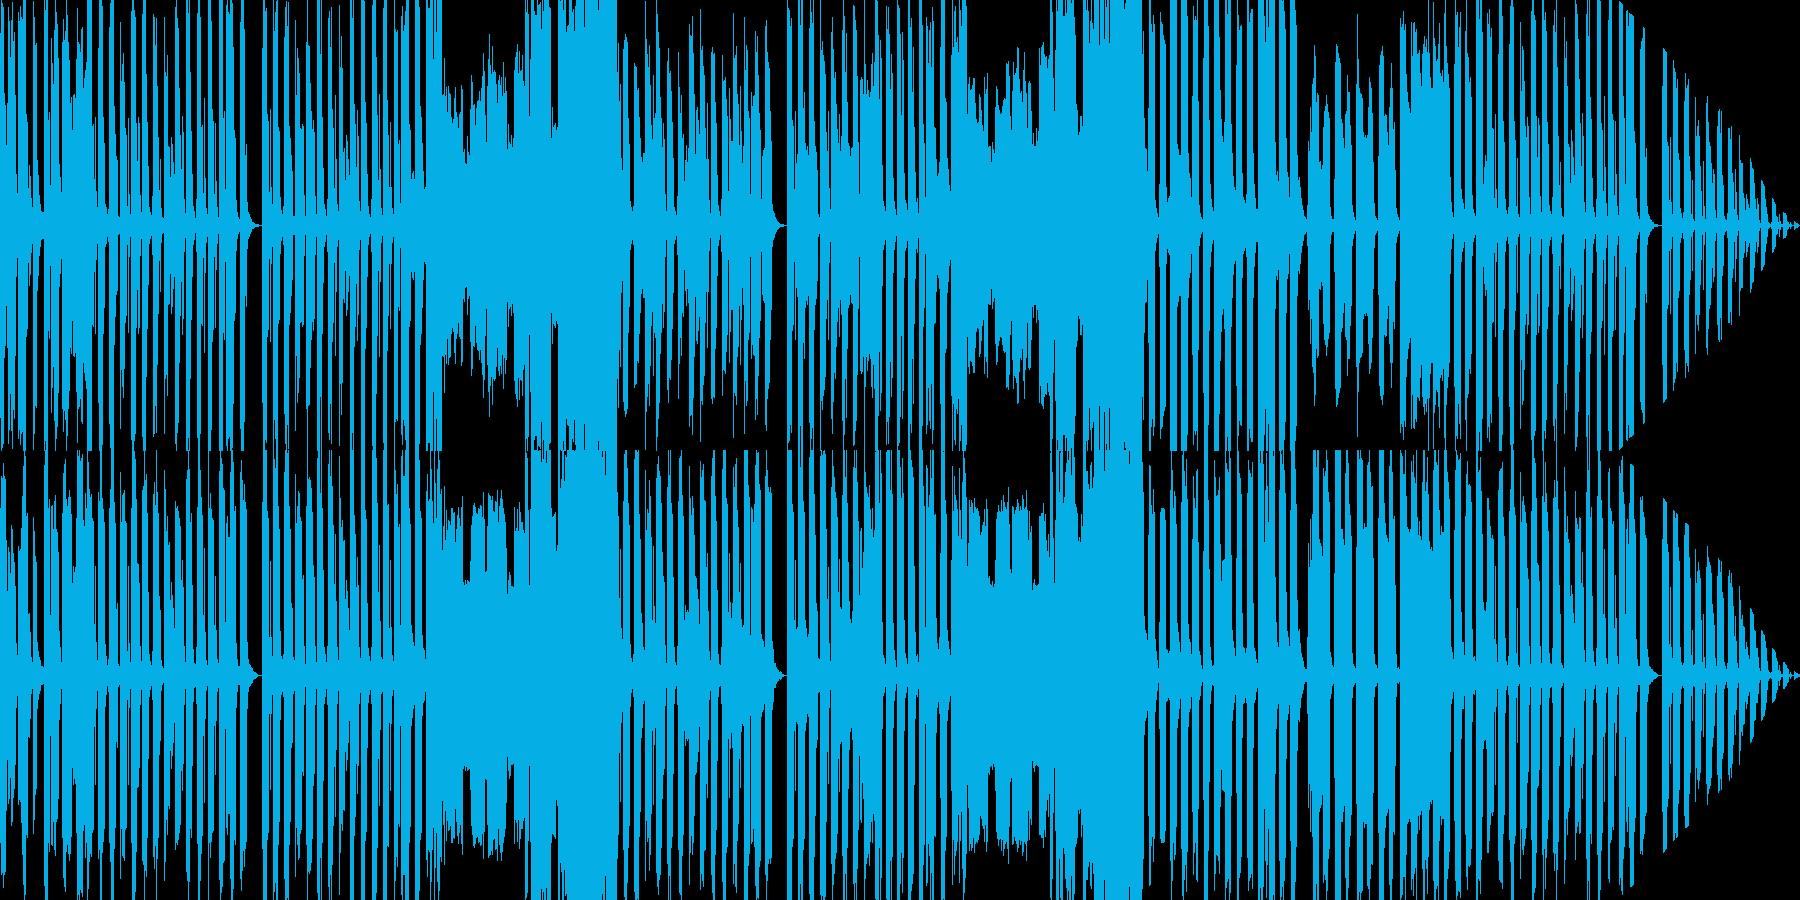 コミカルだけど、怪しげな曲の再生済みの波形